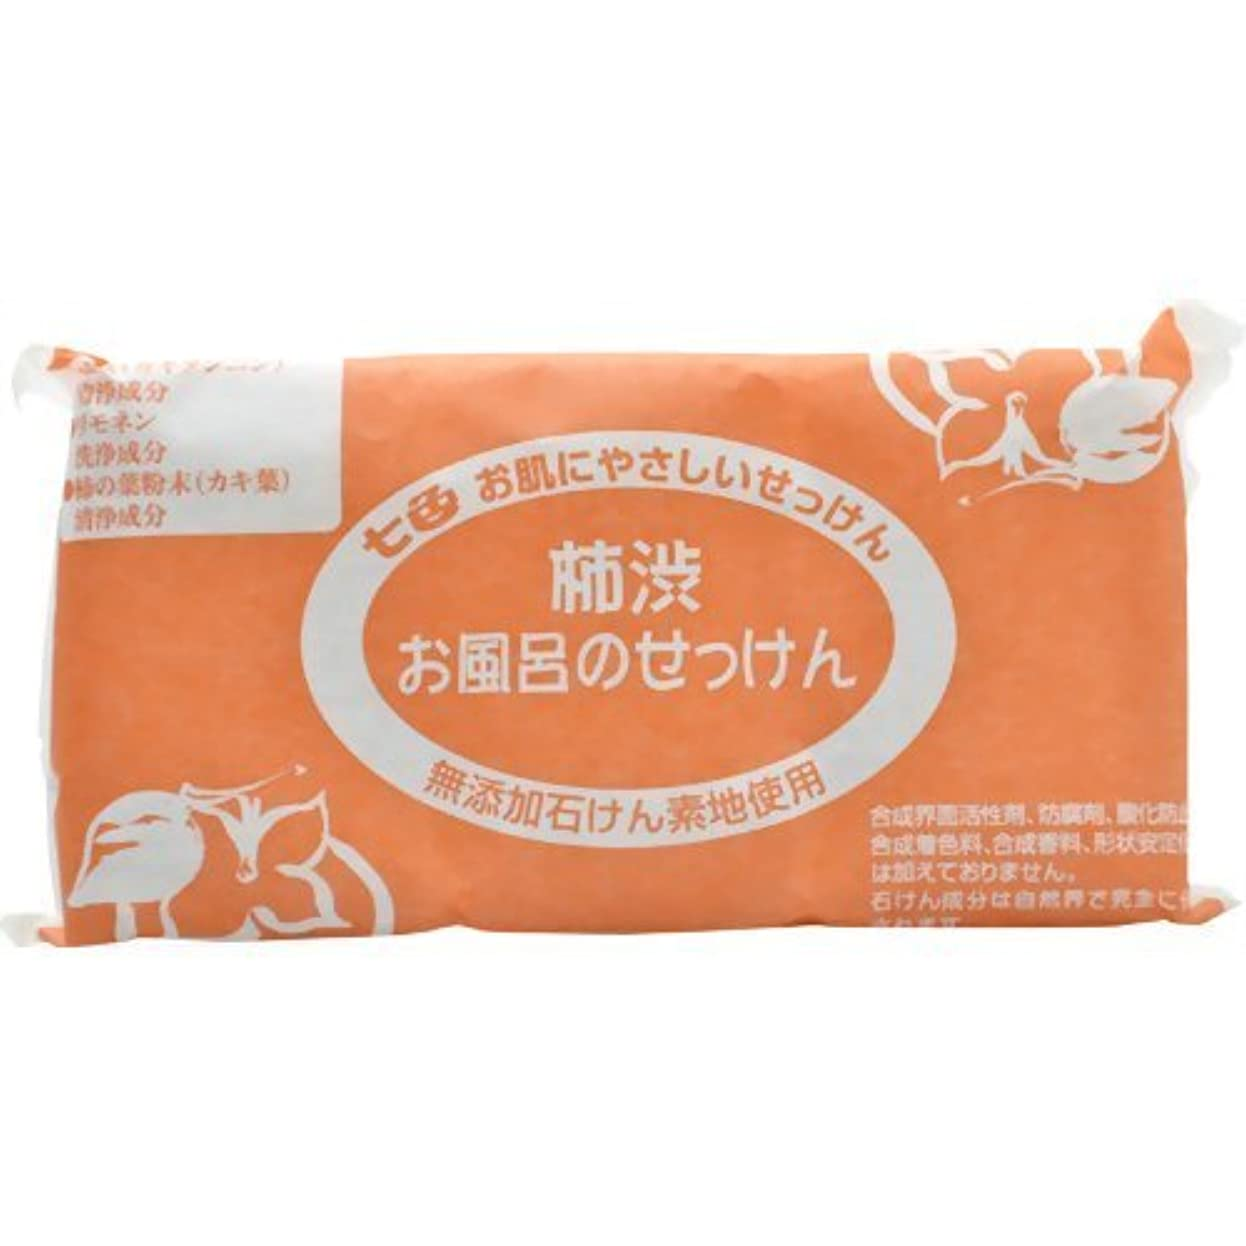 デッキ穿孔する三七色 お風呂のせっけん 柿渋(無添加石鹸) 100g×3個入